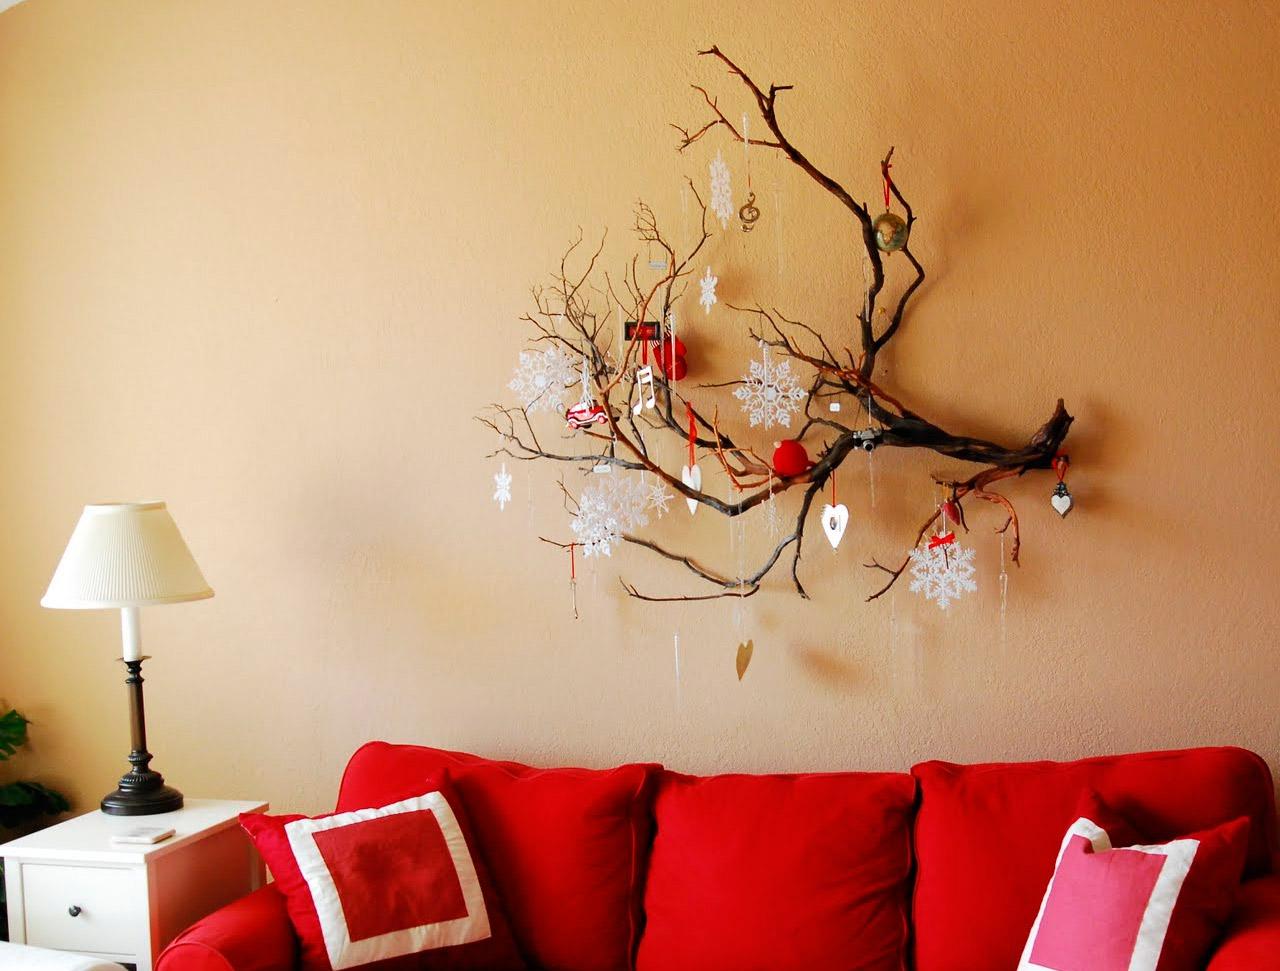 Zaru dekoratīvā kompozīcija uz viesistabas sienas